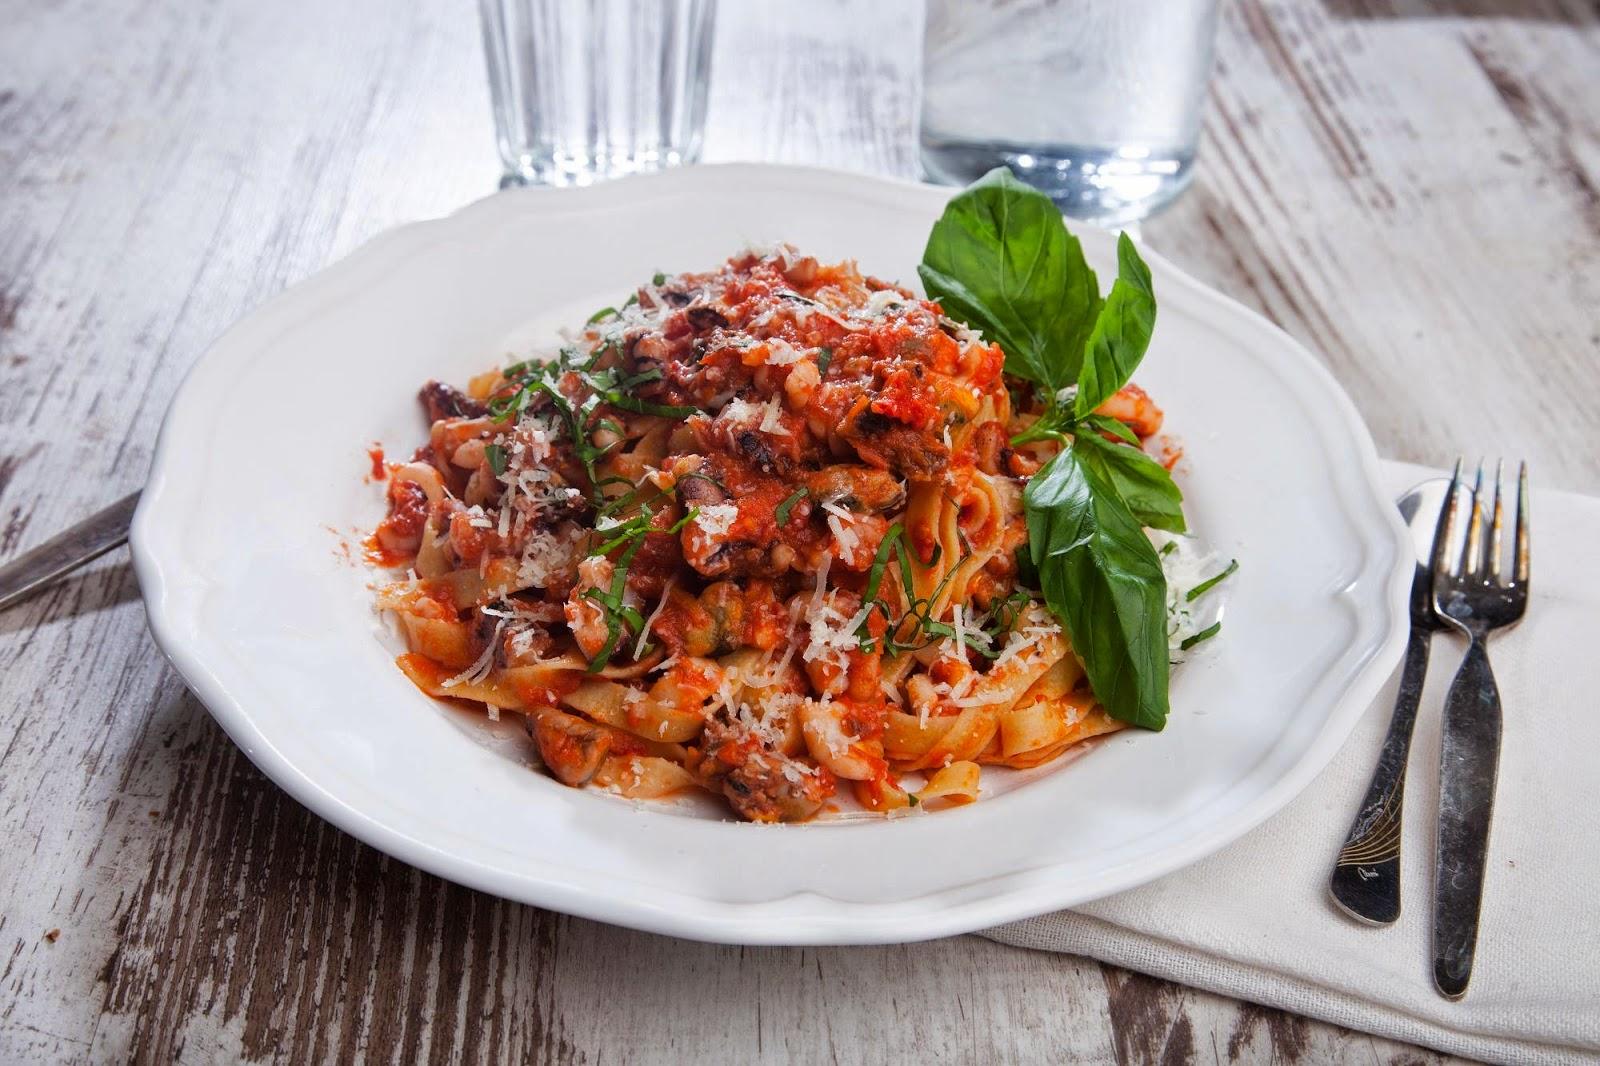 Паста с морепродуктами в томатно-базиликовом соусе от Elementaree и Lavrentieva's Kitchen